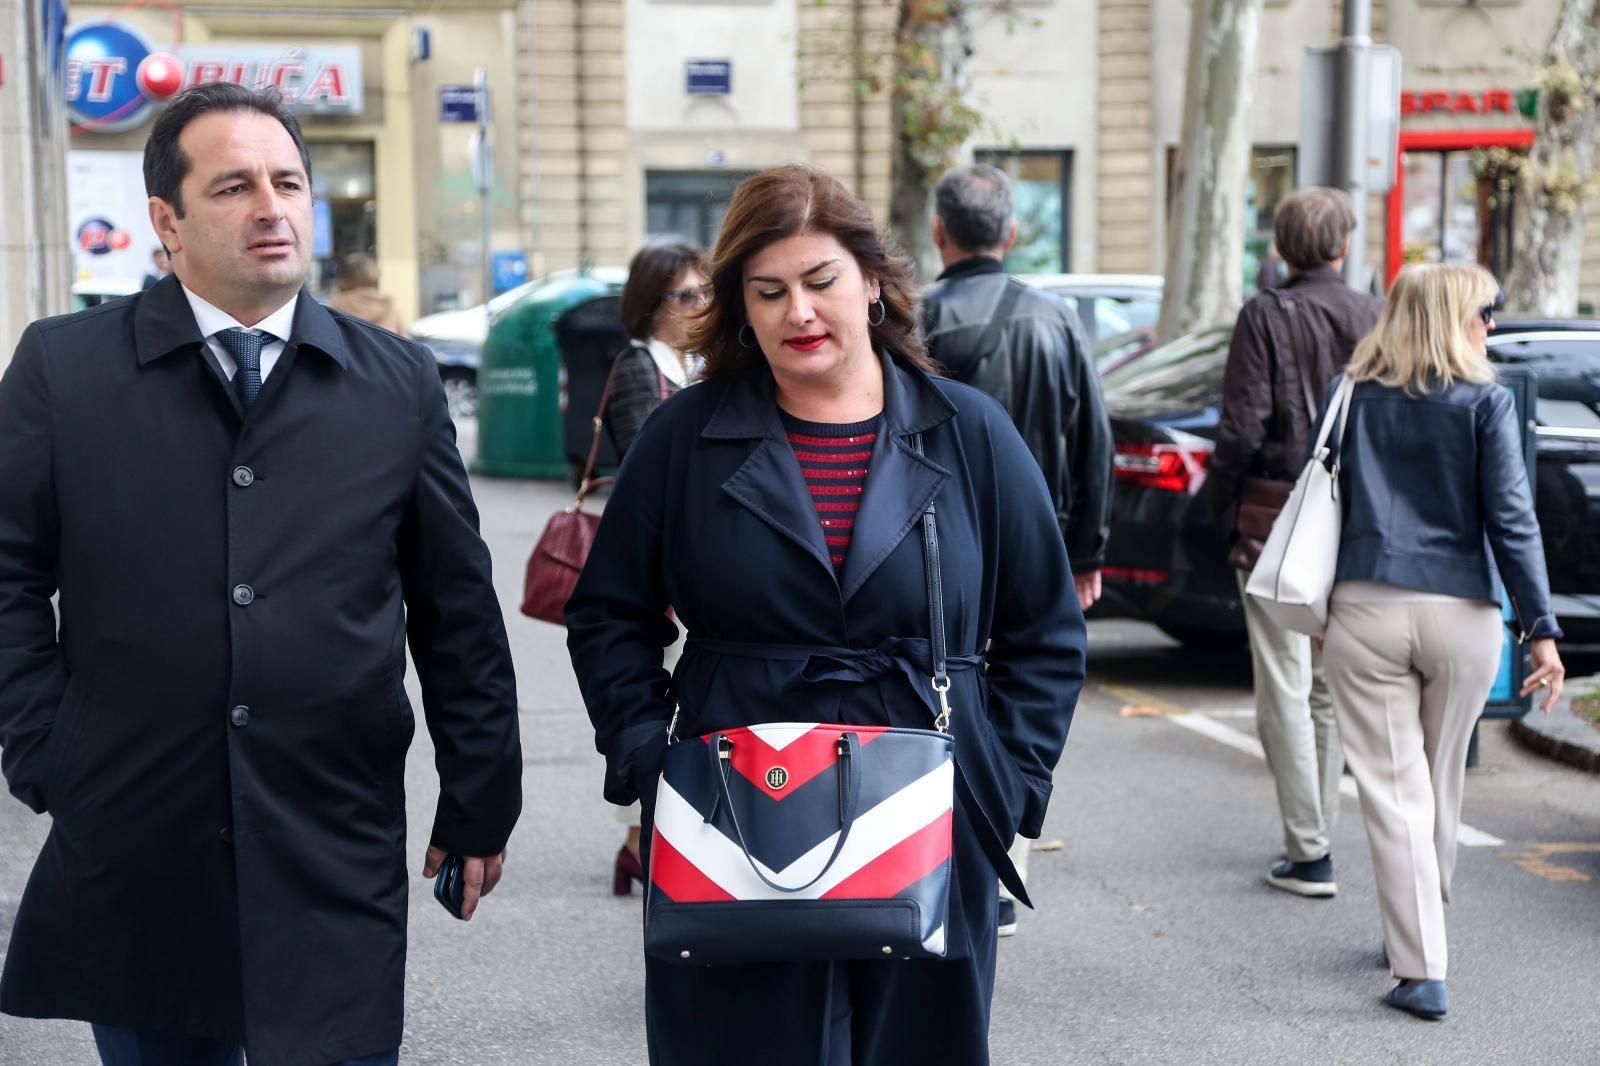 'Nije mi jasno čemu ovaj štrajk, povećali smo plaće u prosvjeti'